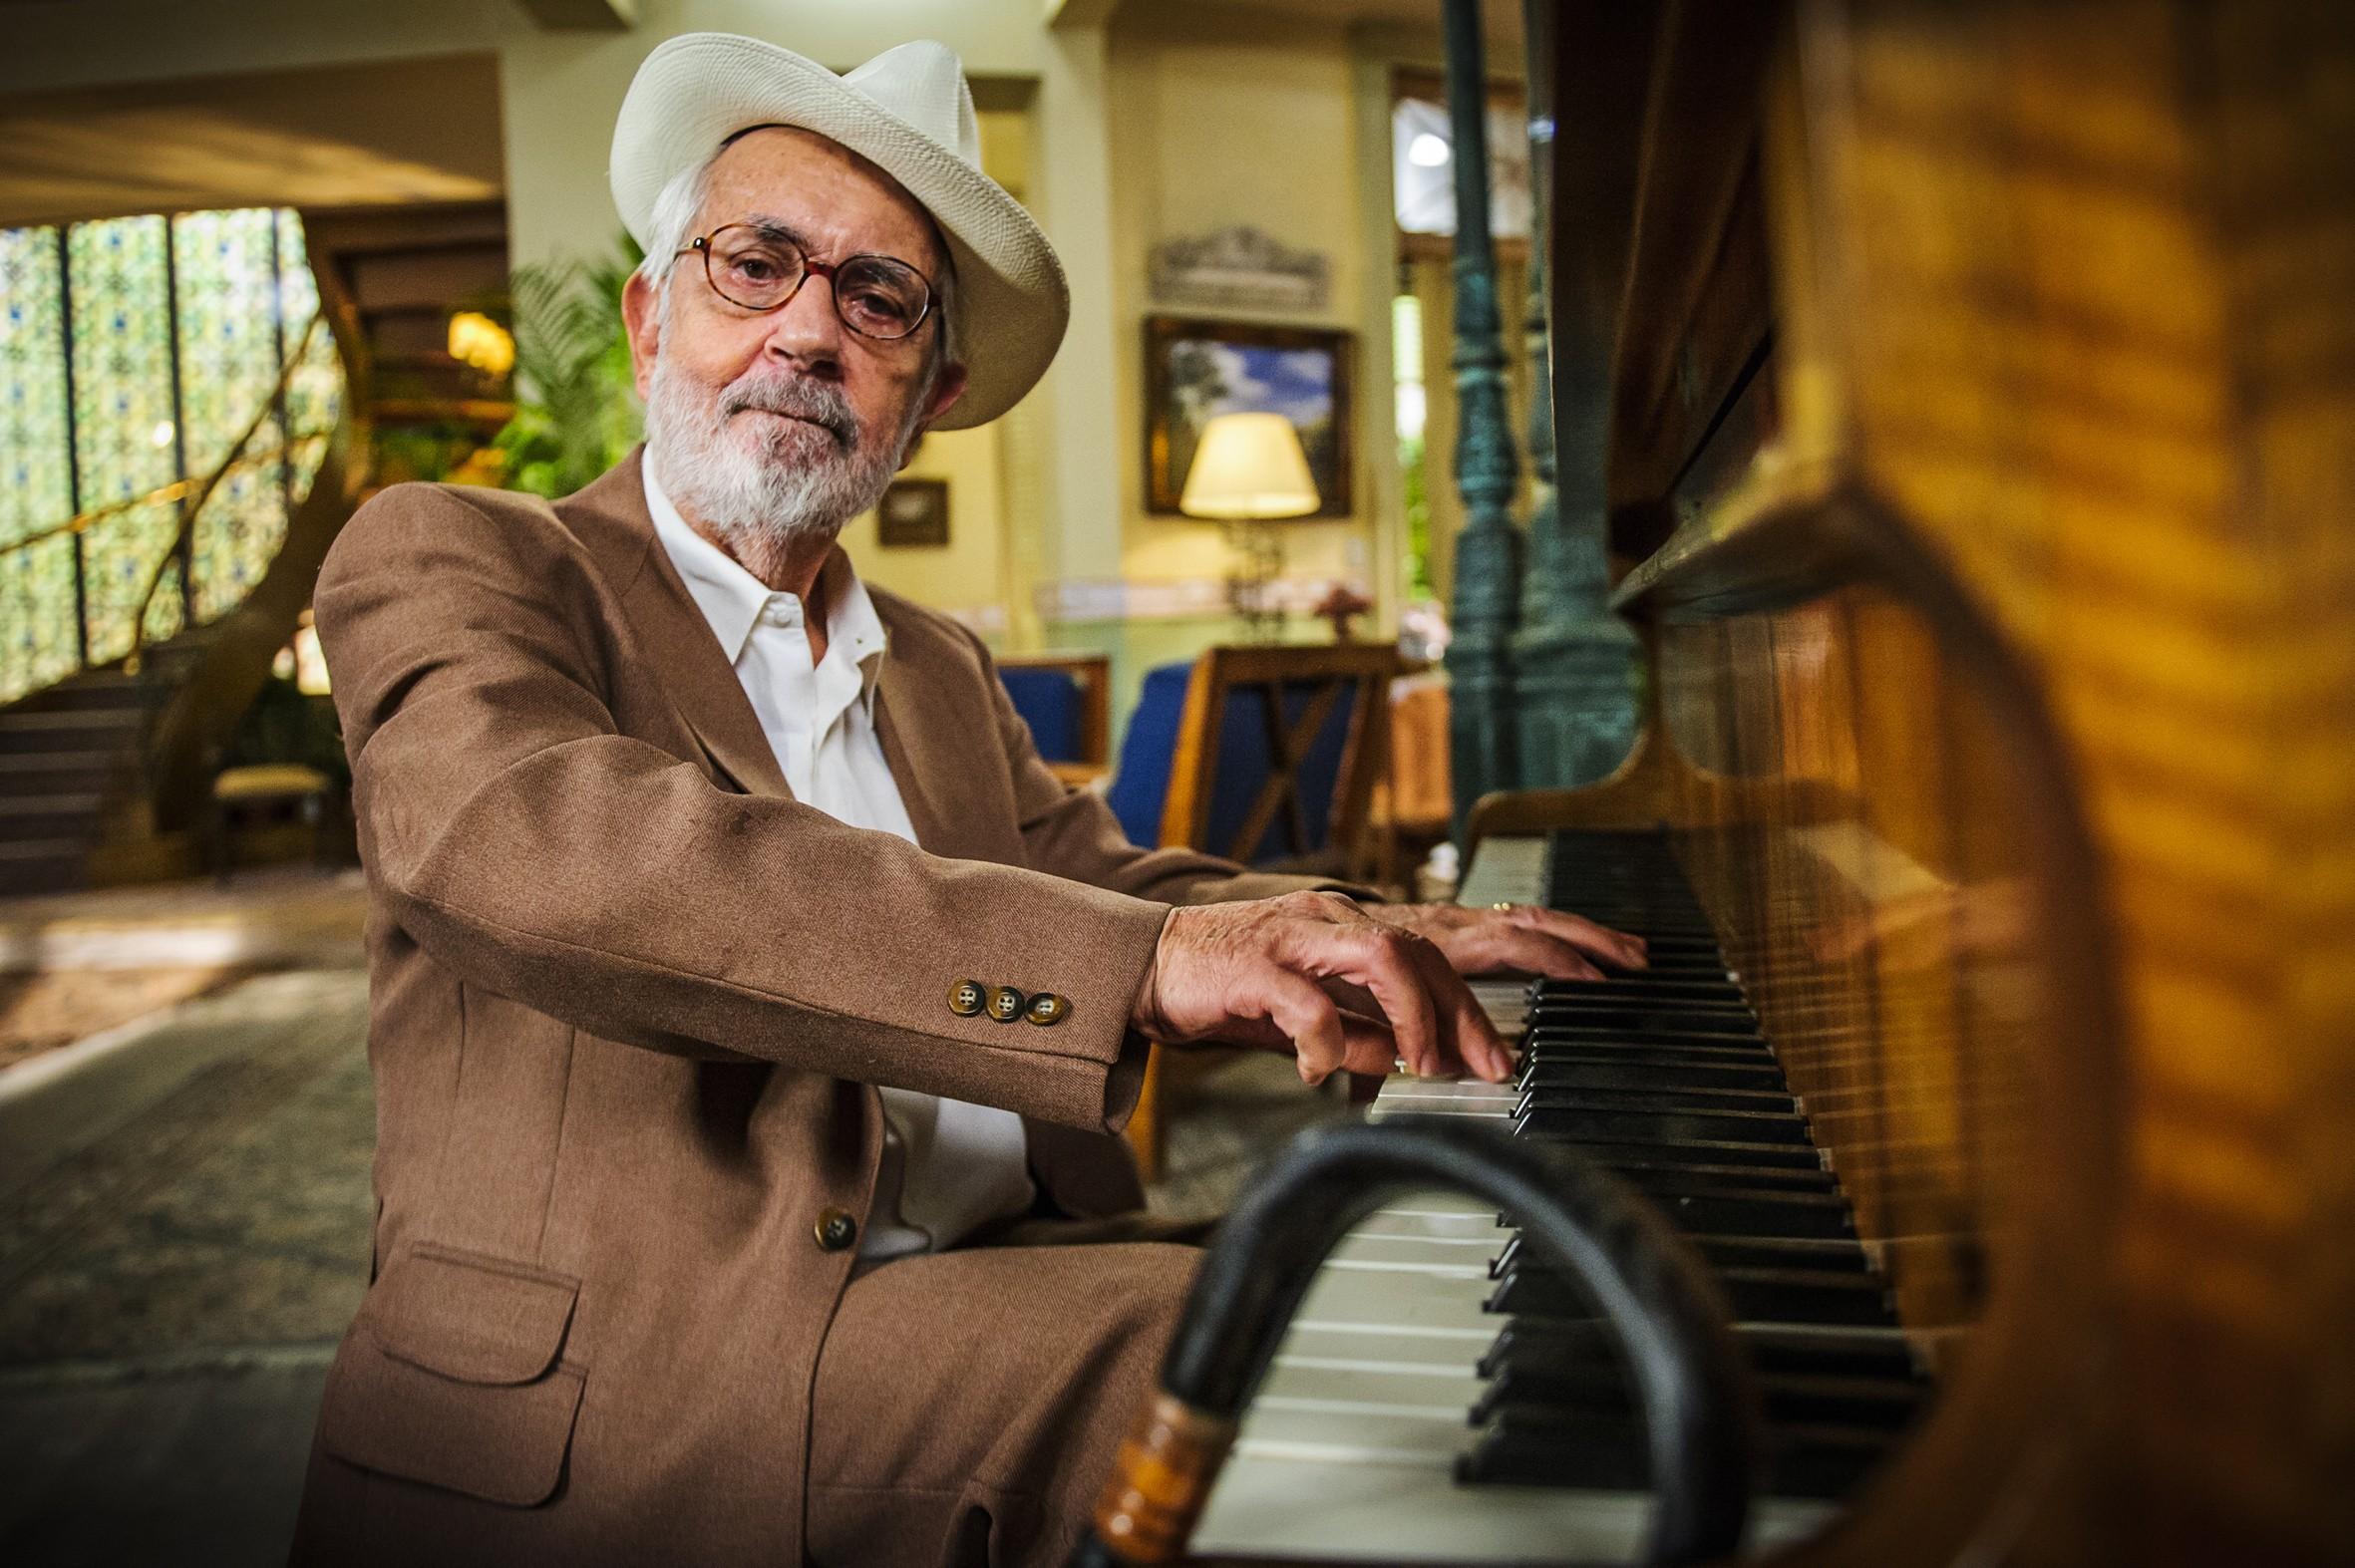 A imagem é uma fotografia do ator Paulo José tocando piano. Paulo é um senhor branco, de barba e cabelos grisalhos, ele veste uma camisa branca, um terno e calça social em tom marrom claro, e também usa um óculos de grau e um chapéu branco.